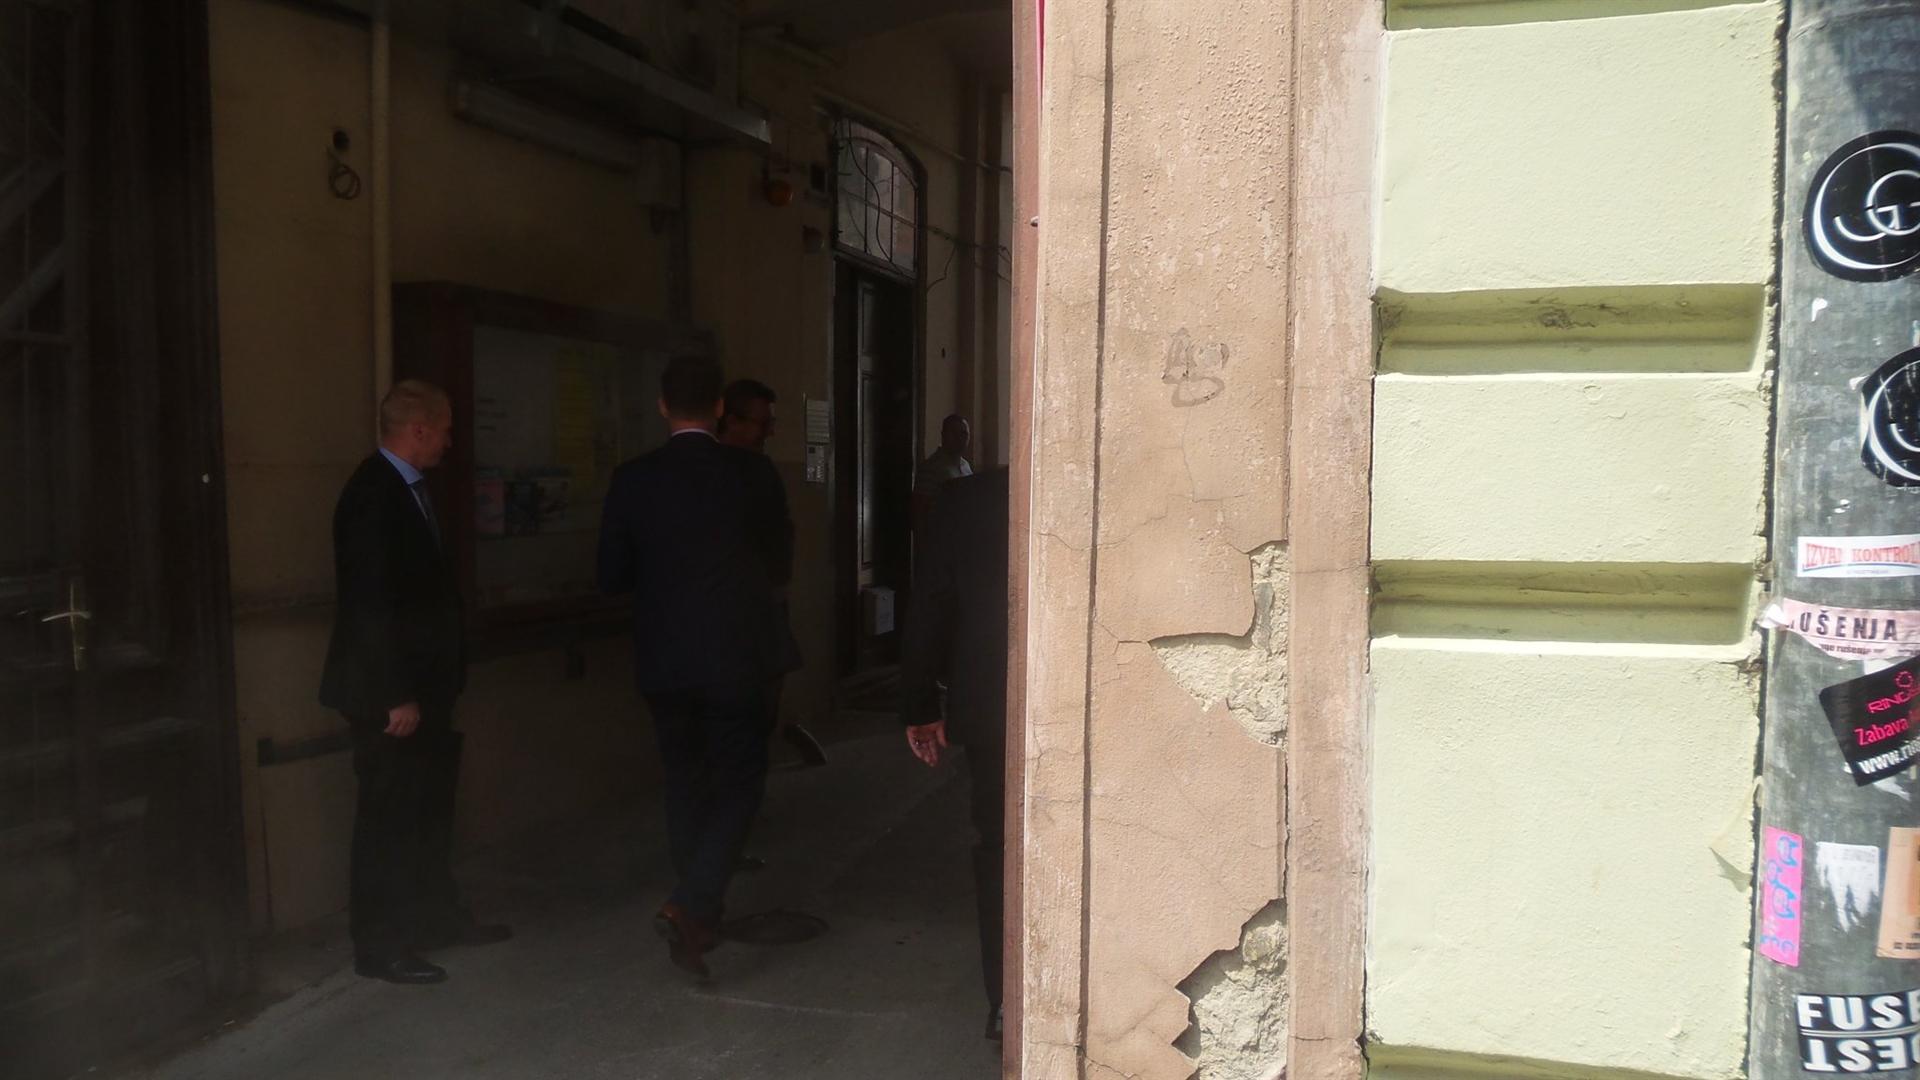 RAZRAĐUJU STRATEGIJU: Božo Petrov u domu premijera Oreškovića - koje će biti novosti?!